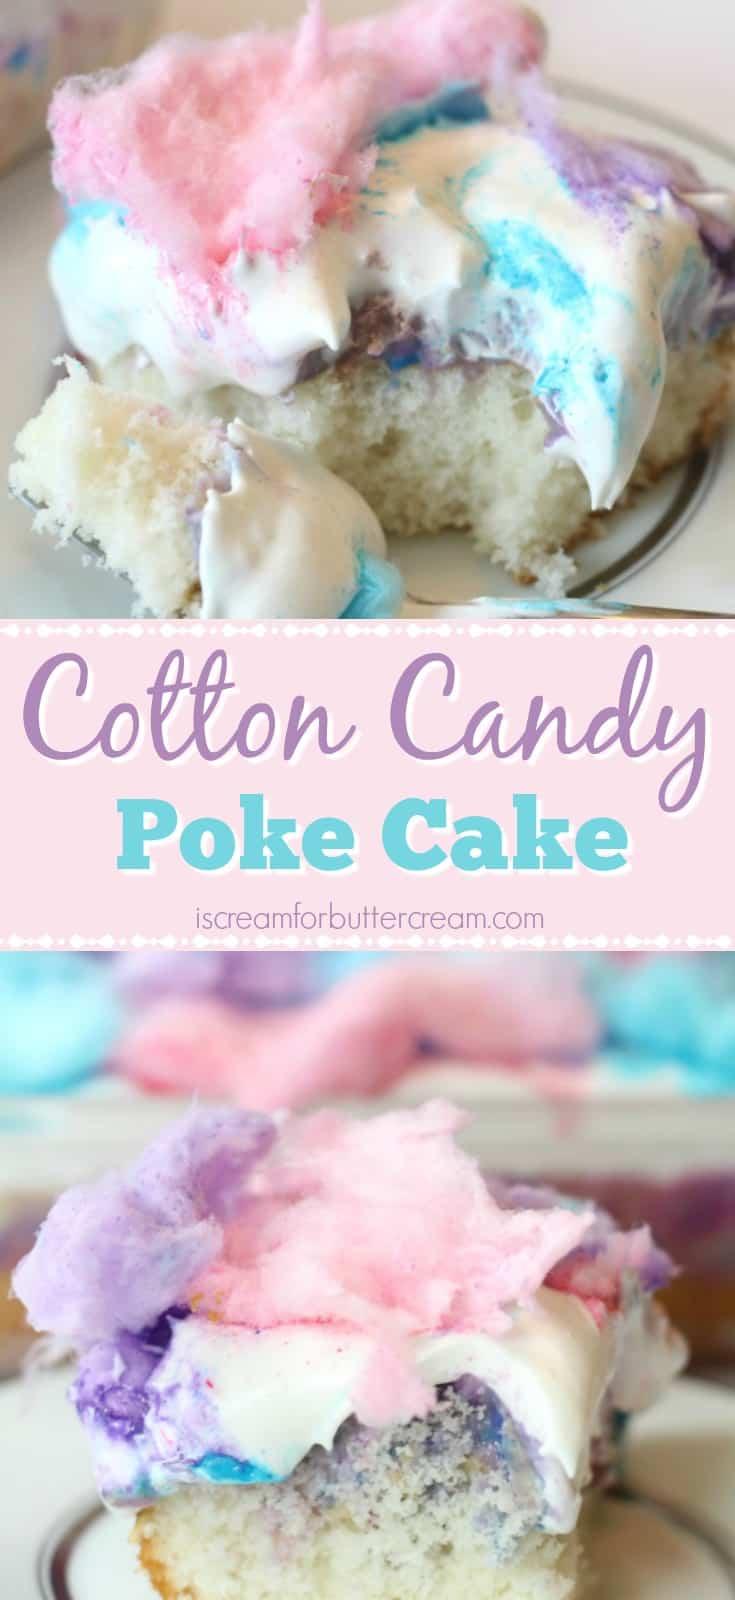 Cotton Candy Poke Cake